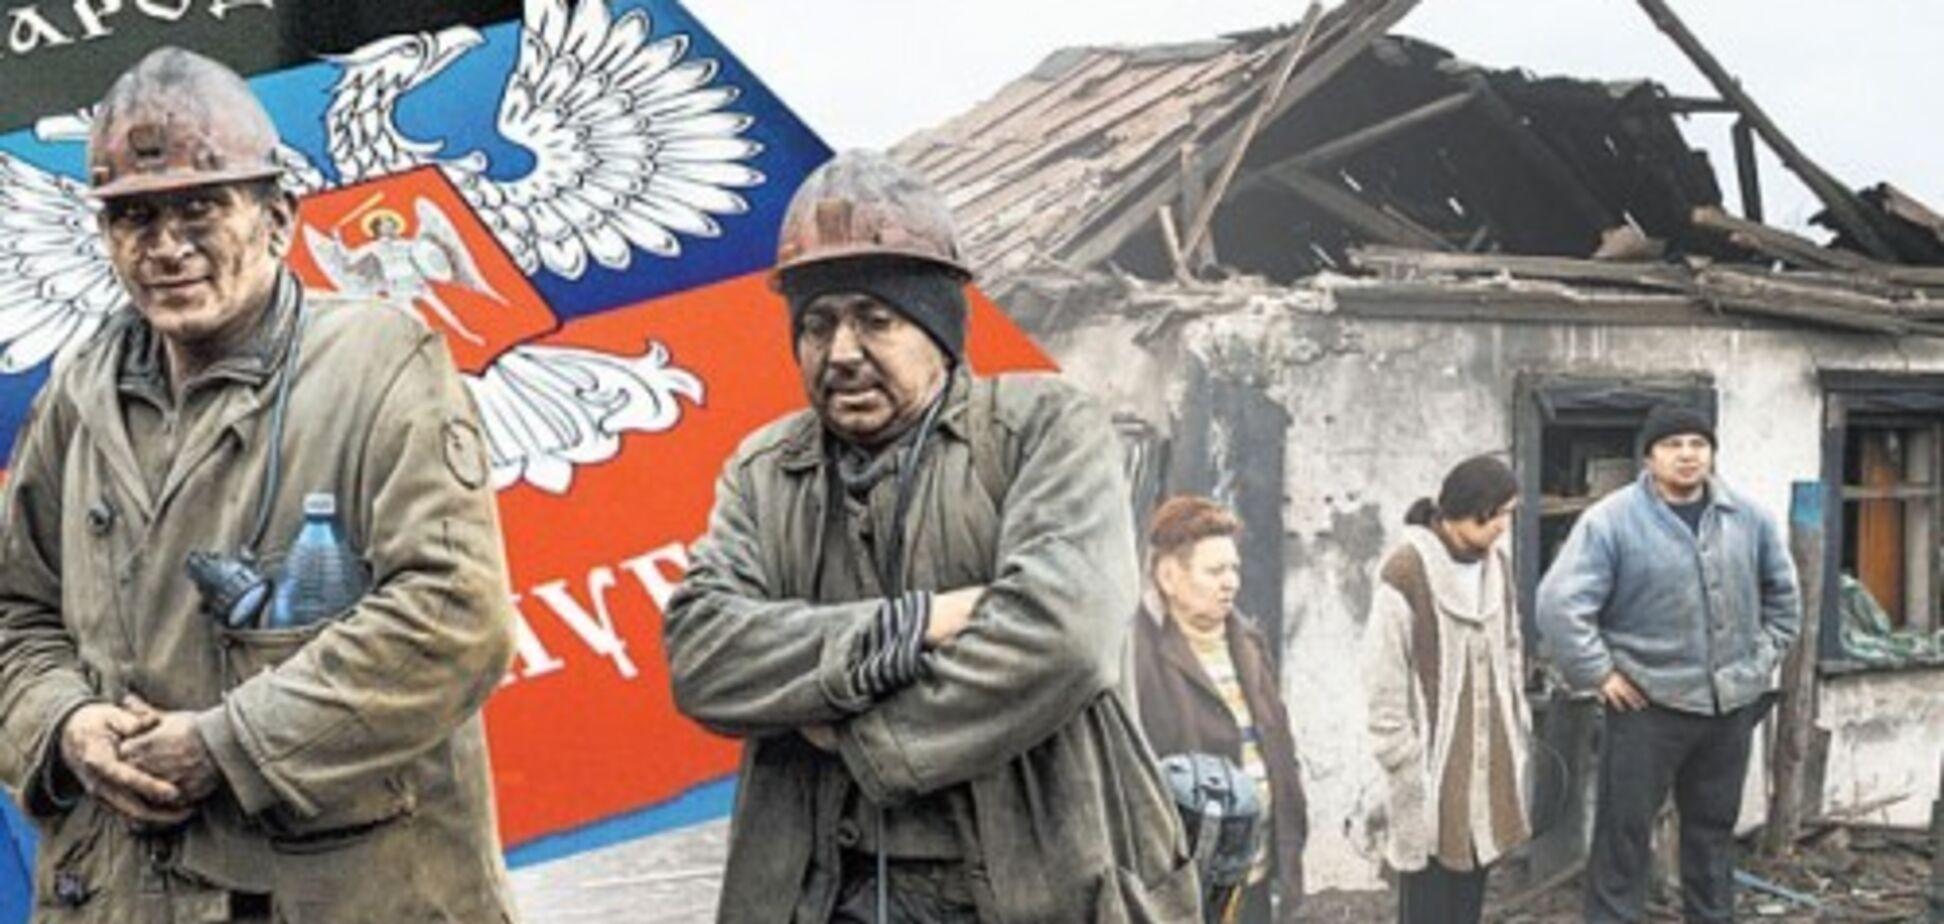 Розруха і запустіння: журналіст із ЄС показав ціну 'русского міра' на Донбасі